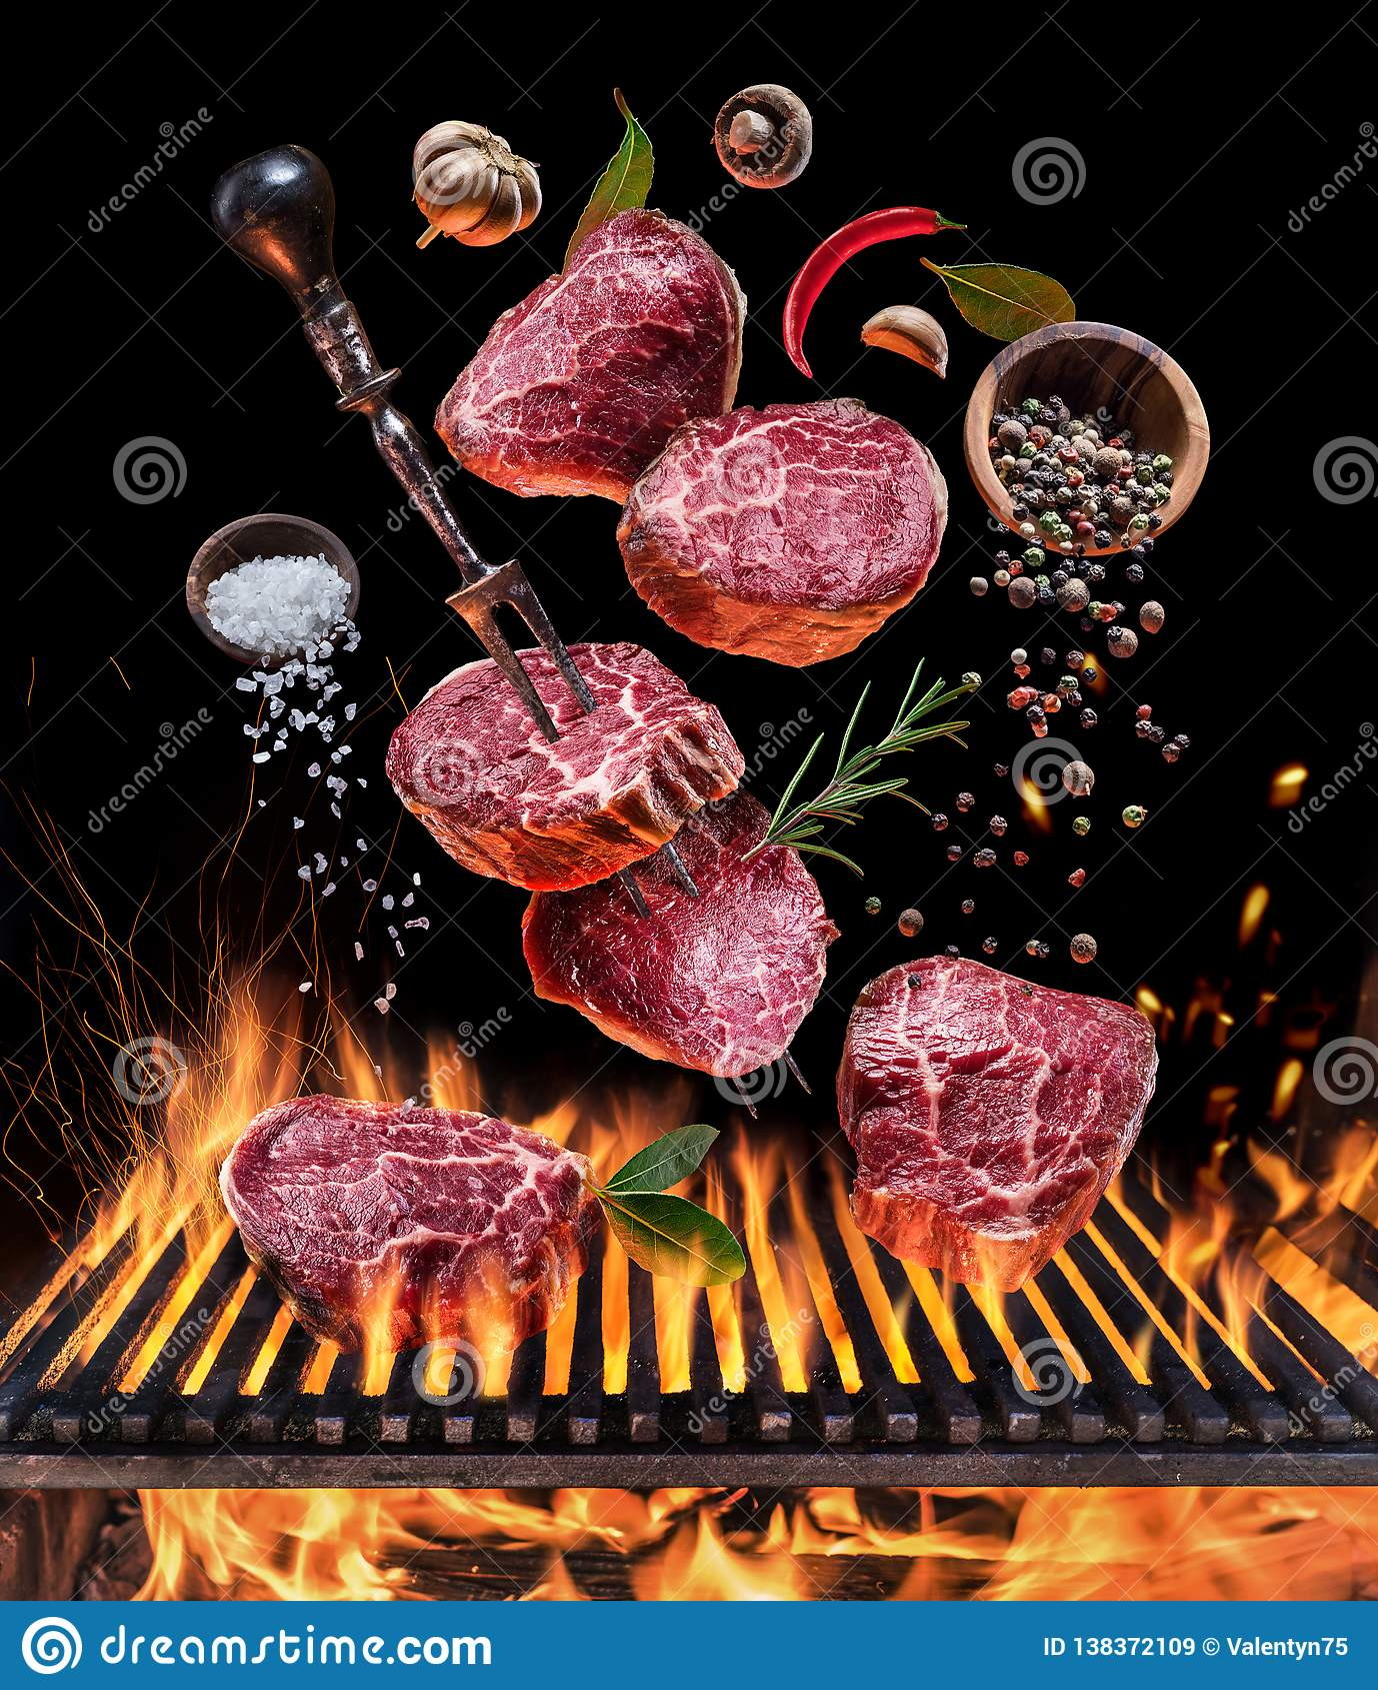 Steakkochen Ein Paar, welches die Leuchte, Leistung oder Eroberung darstellend anhält Steak mit Gewürzen und Tischbesteck unter b